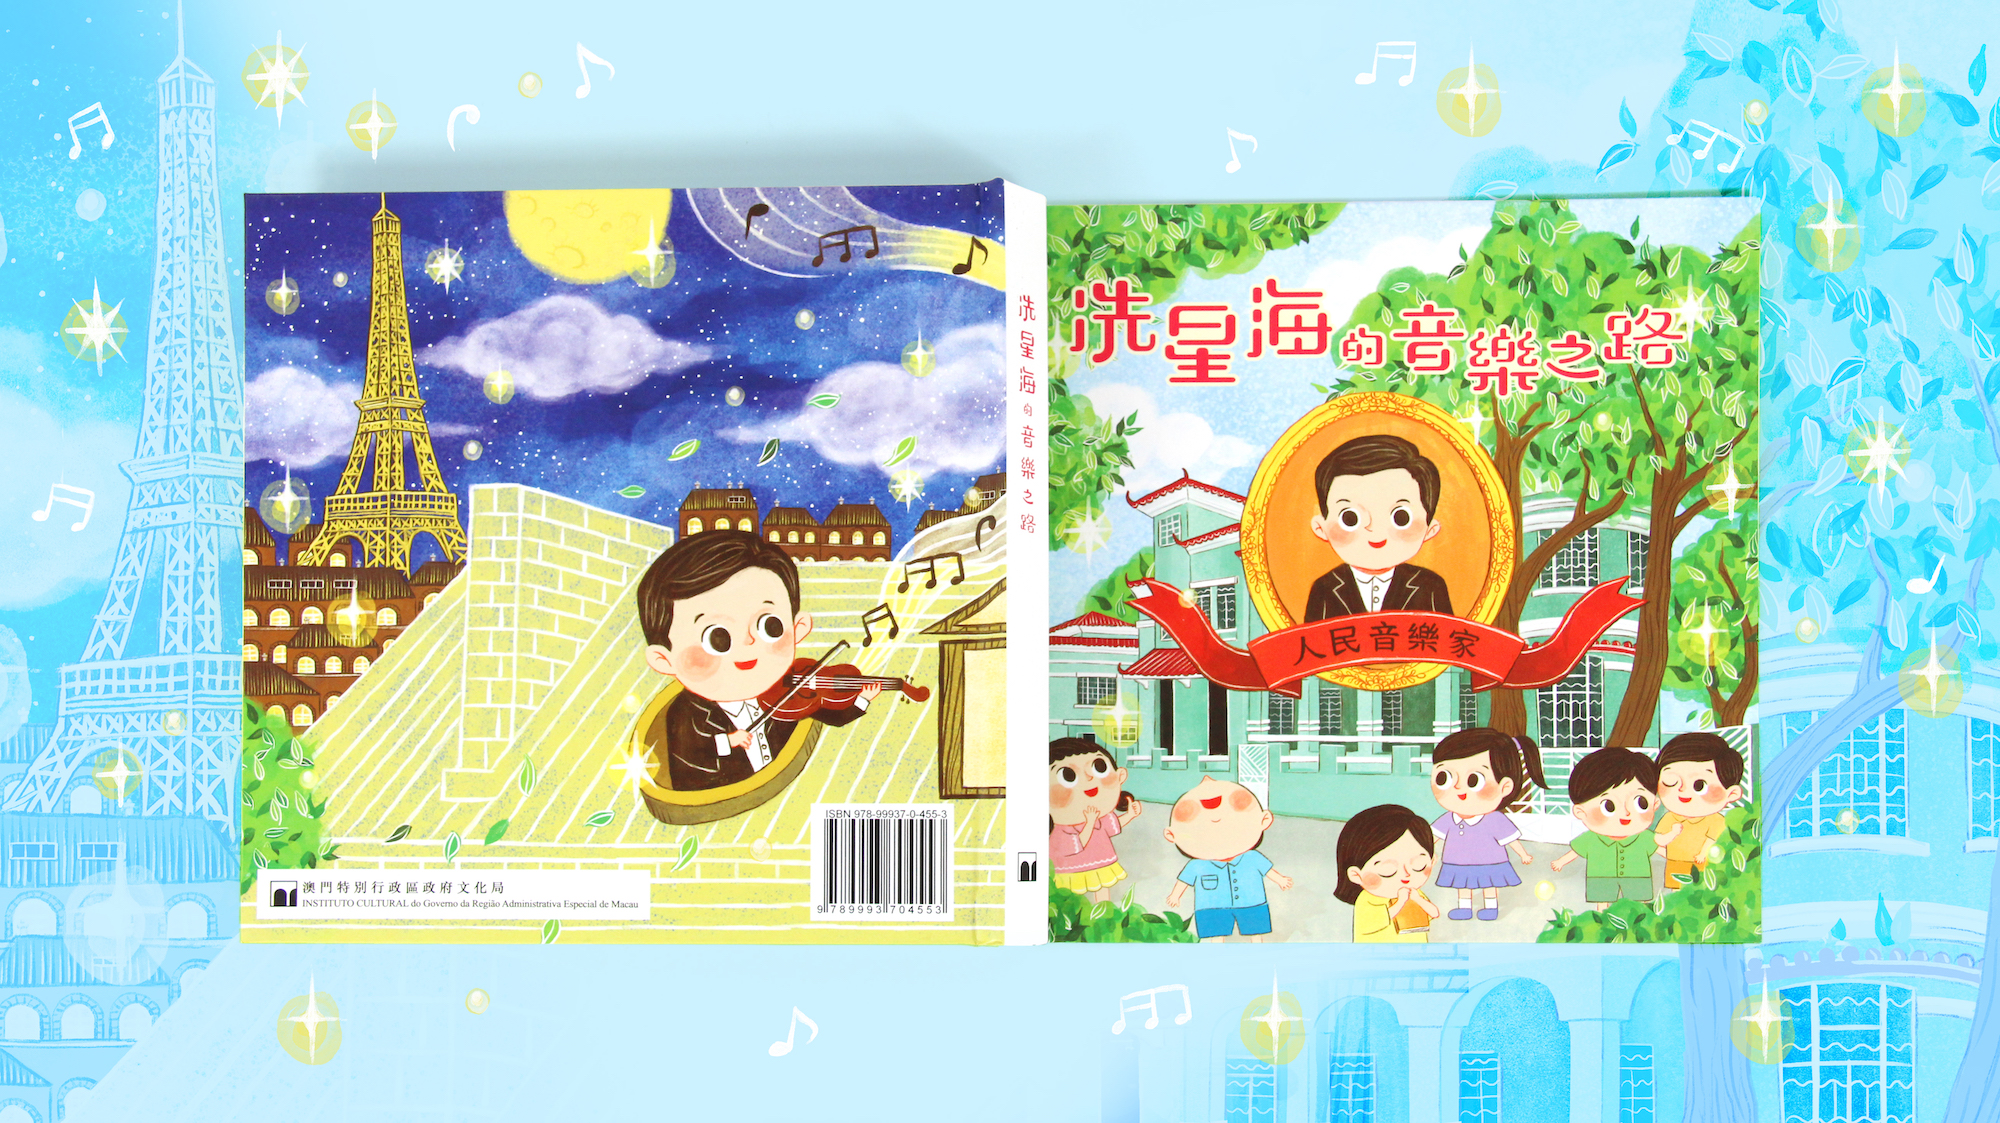 Children book design by Tramy Lui